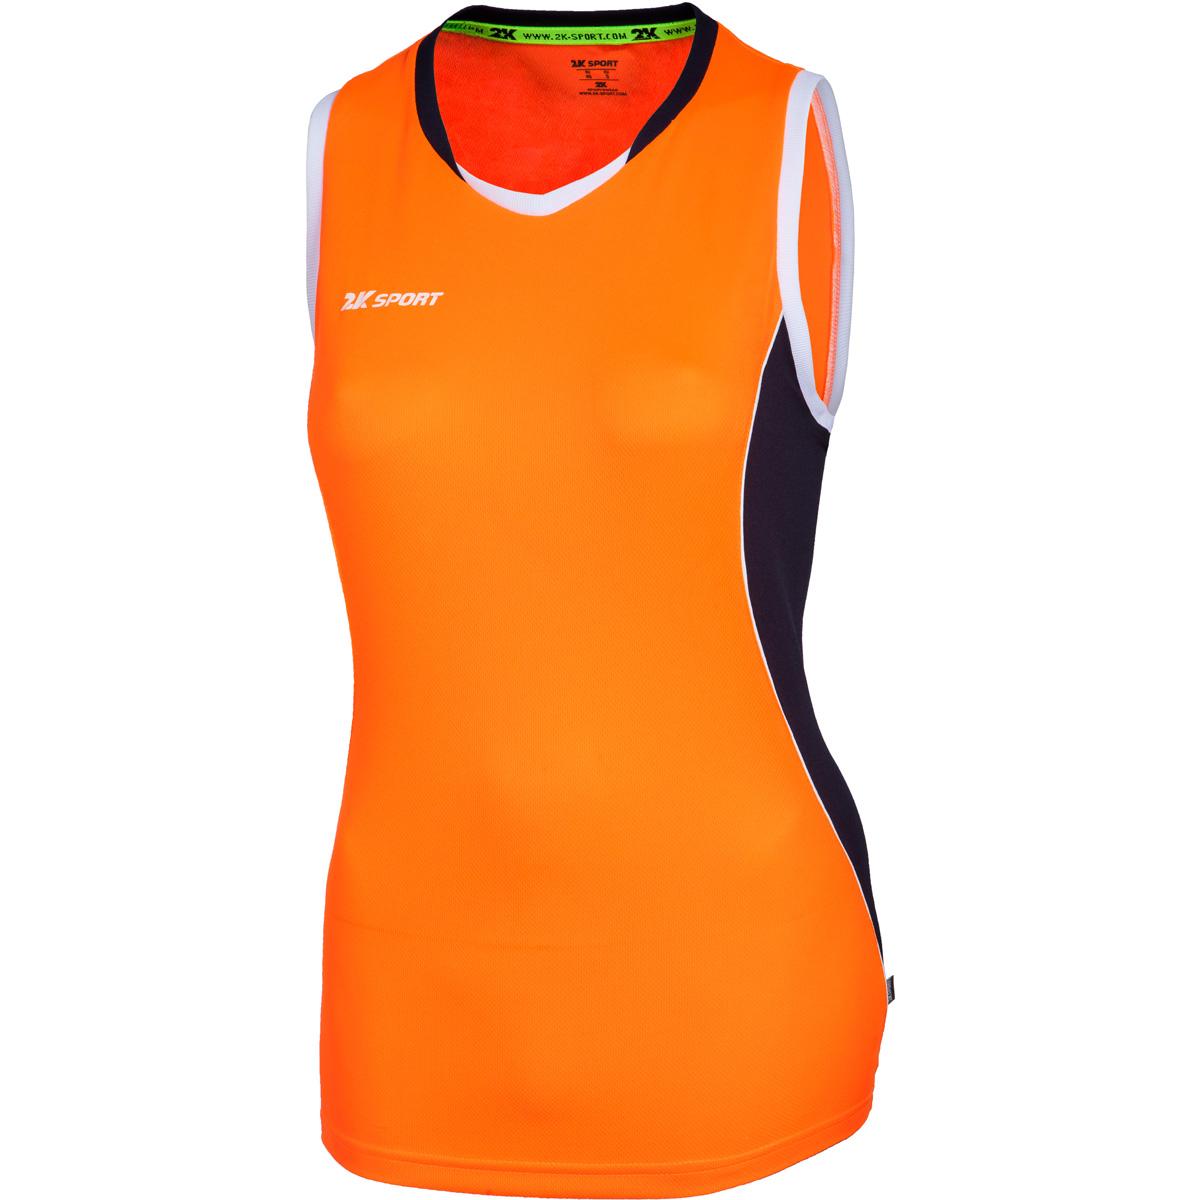 Майка баскетбольная женская 2K Sport Advance, цвет: оранжевый, темно-синий, белый. 130032. Размер L (46/48)130032_neon-orange/navy/whiteПрофессиональная баскетбольная игровая майка от 2K Sport создана для того, чтобы вам ничего не мешало демонстрировать великолепную игру на паркете против самых грозных соперников. Полуприлегающий силуэт подчеркивает женственную фигуру и обеспечивает комфорт во время движения. Оригинальные цветовые решения для красивых побед.